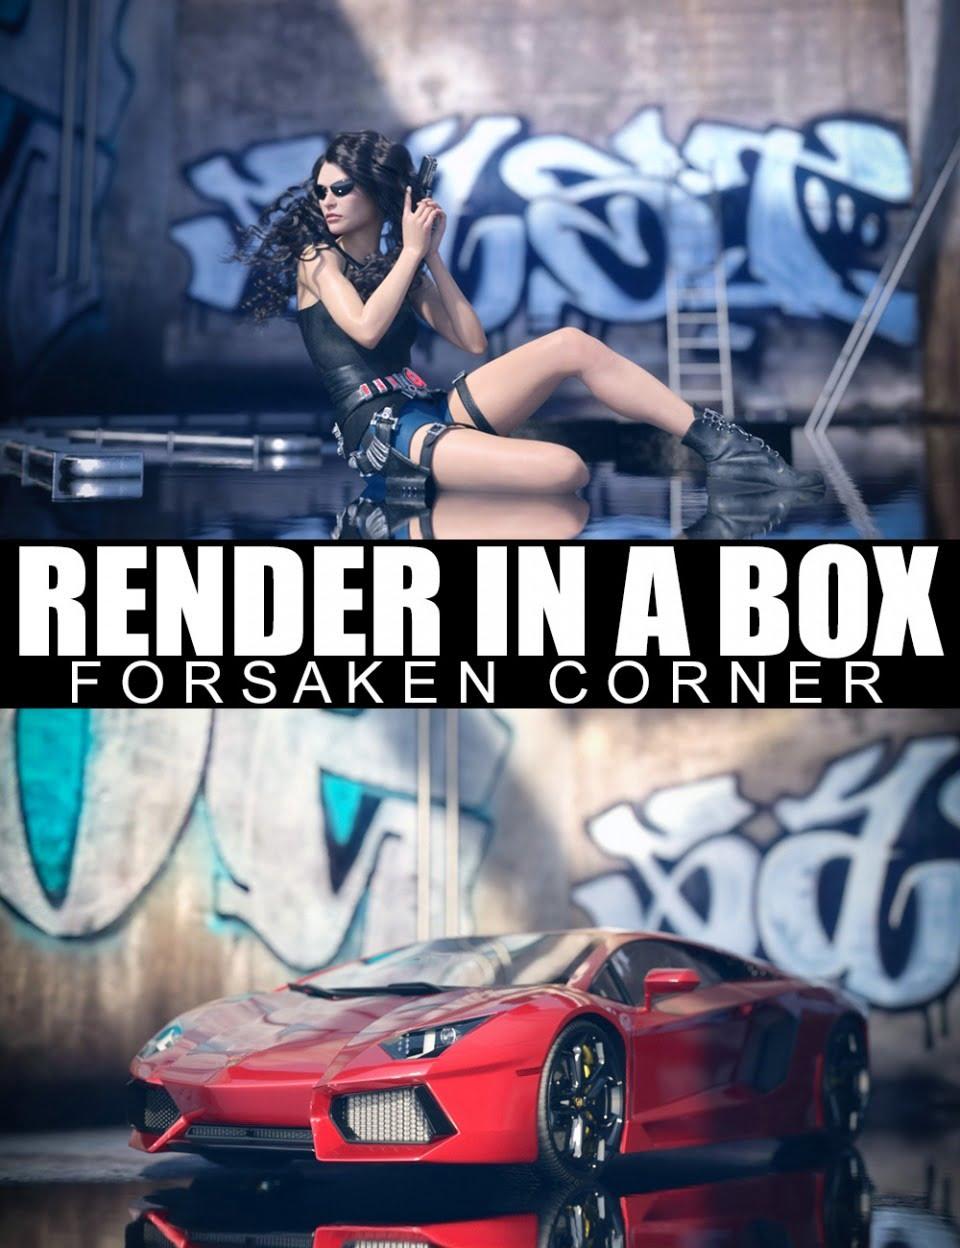 Render In A Box - Forsaken Corner